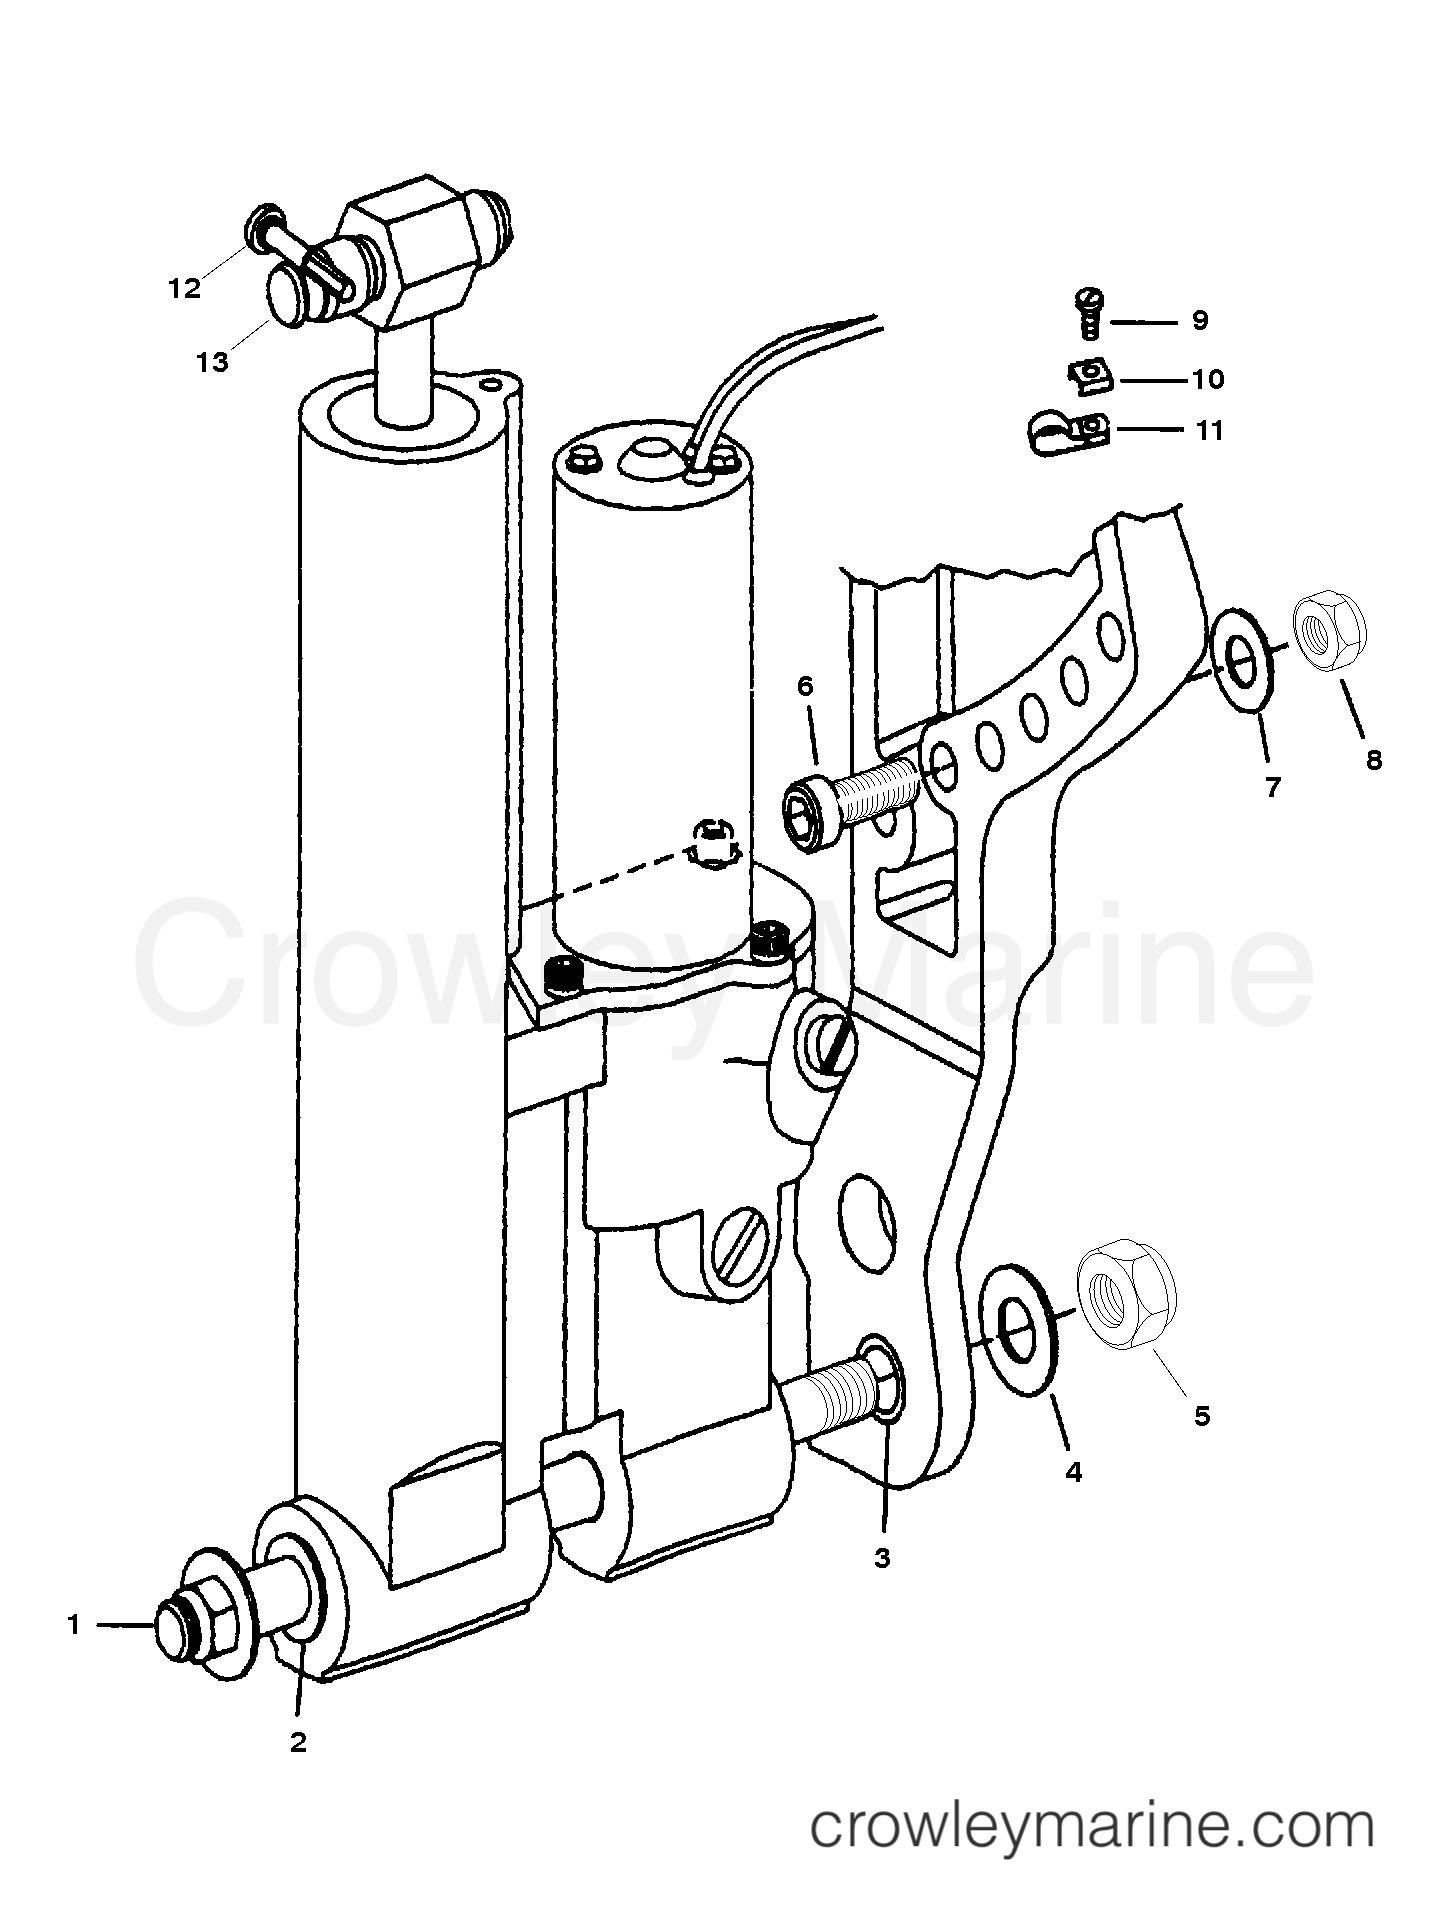 Power Trim Mounting